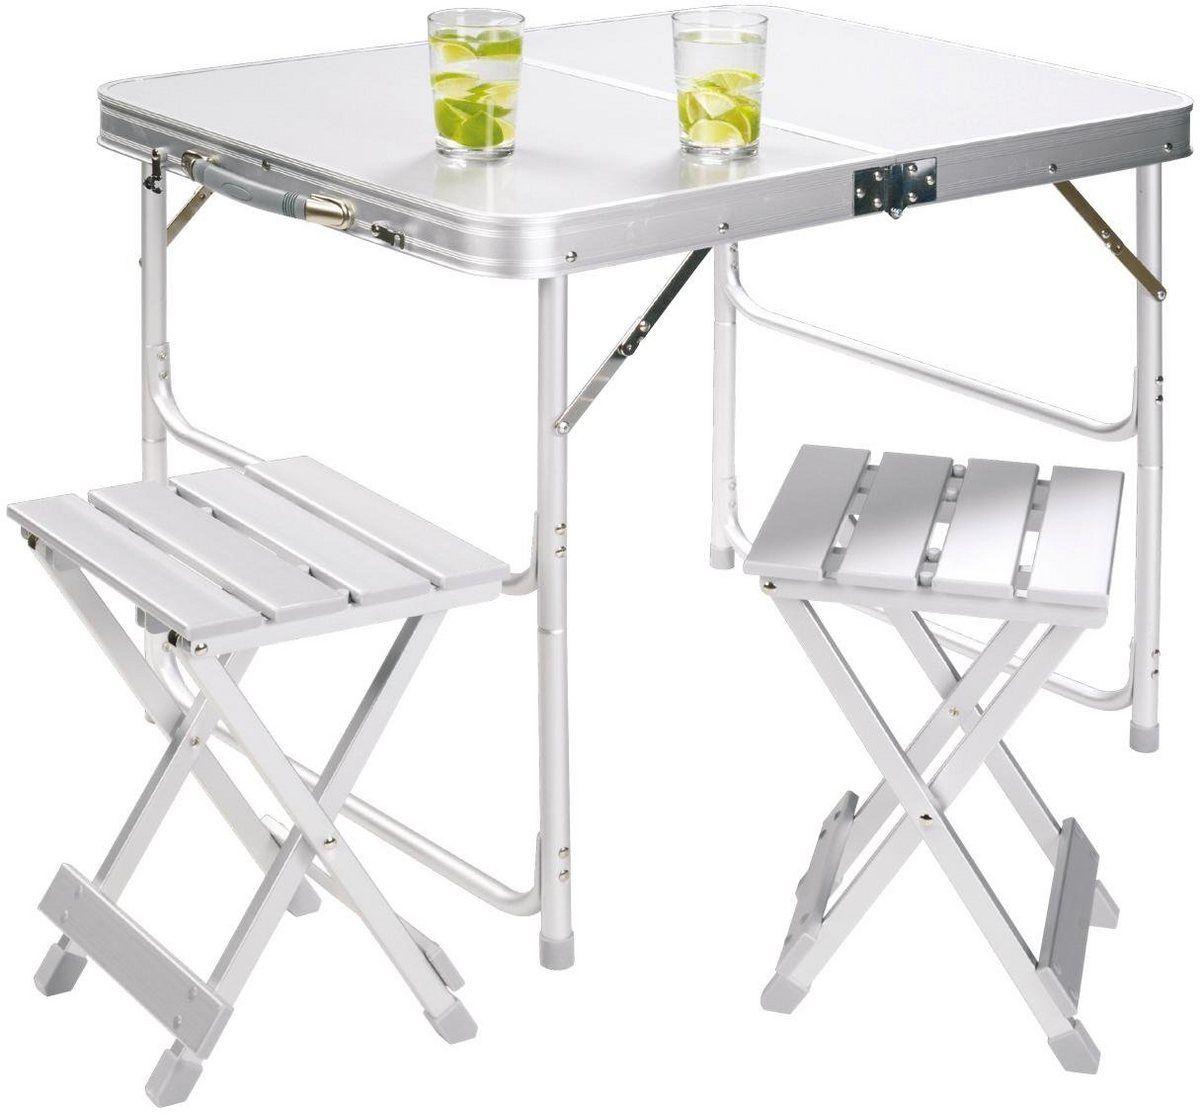 Campingtisch Alu Table Set For 2 Koffertisch Campingtisch Und